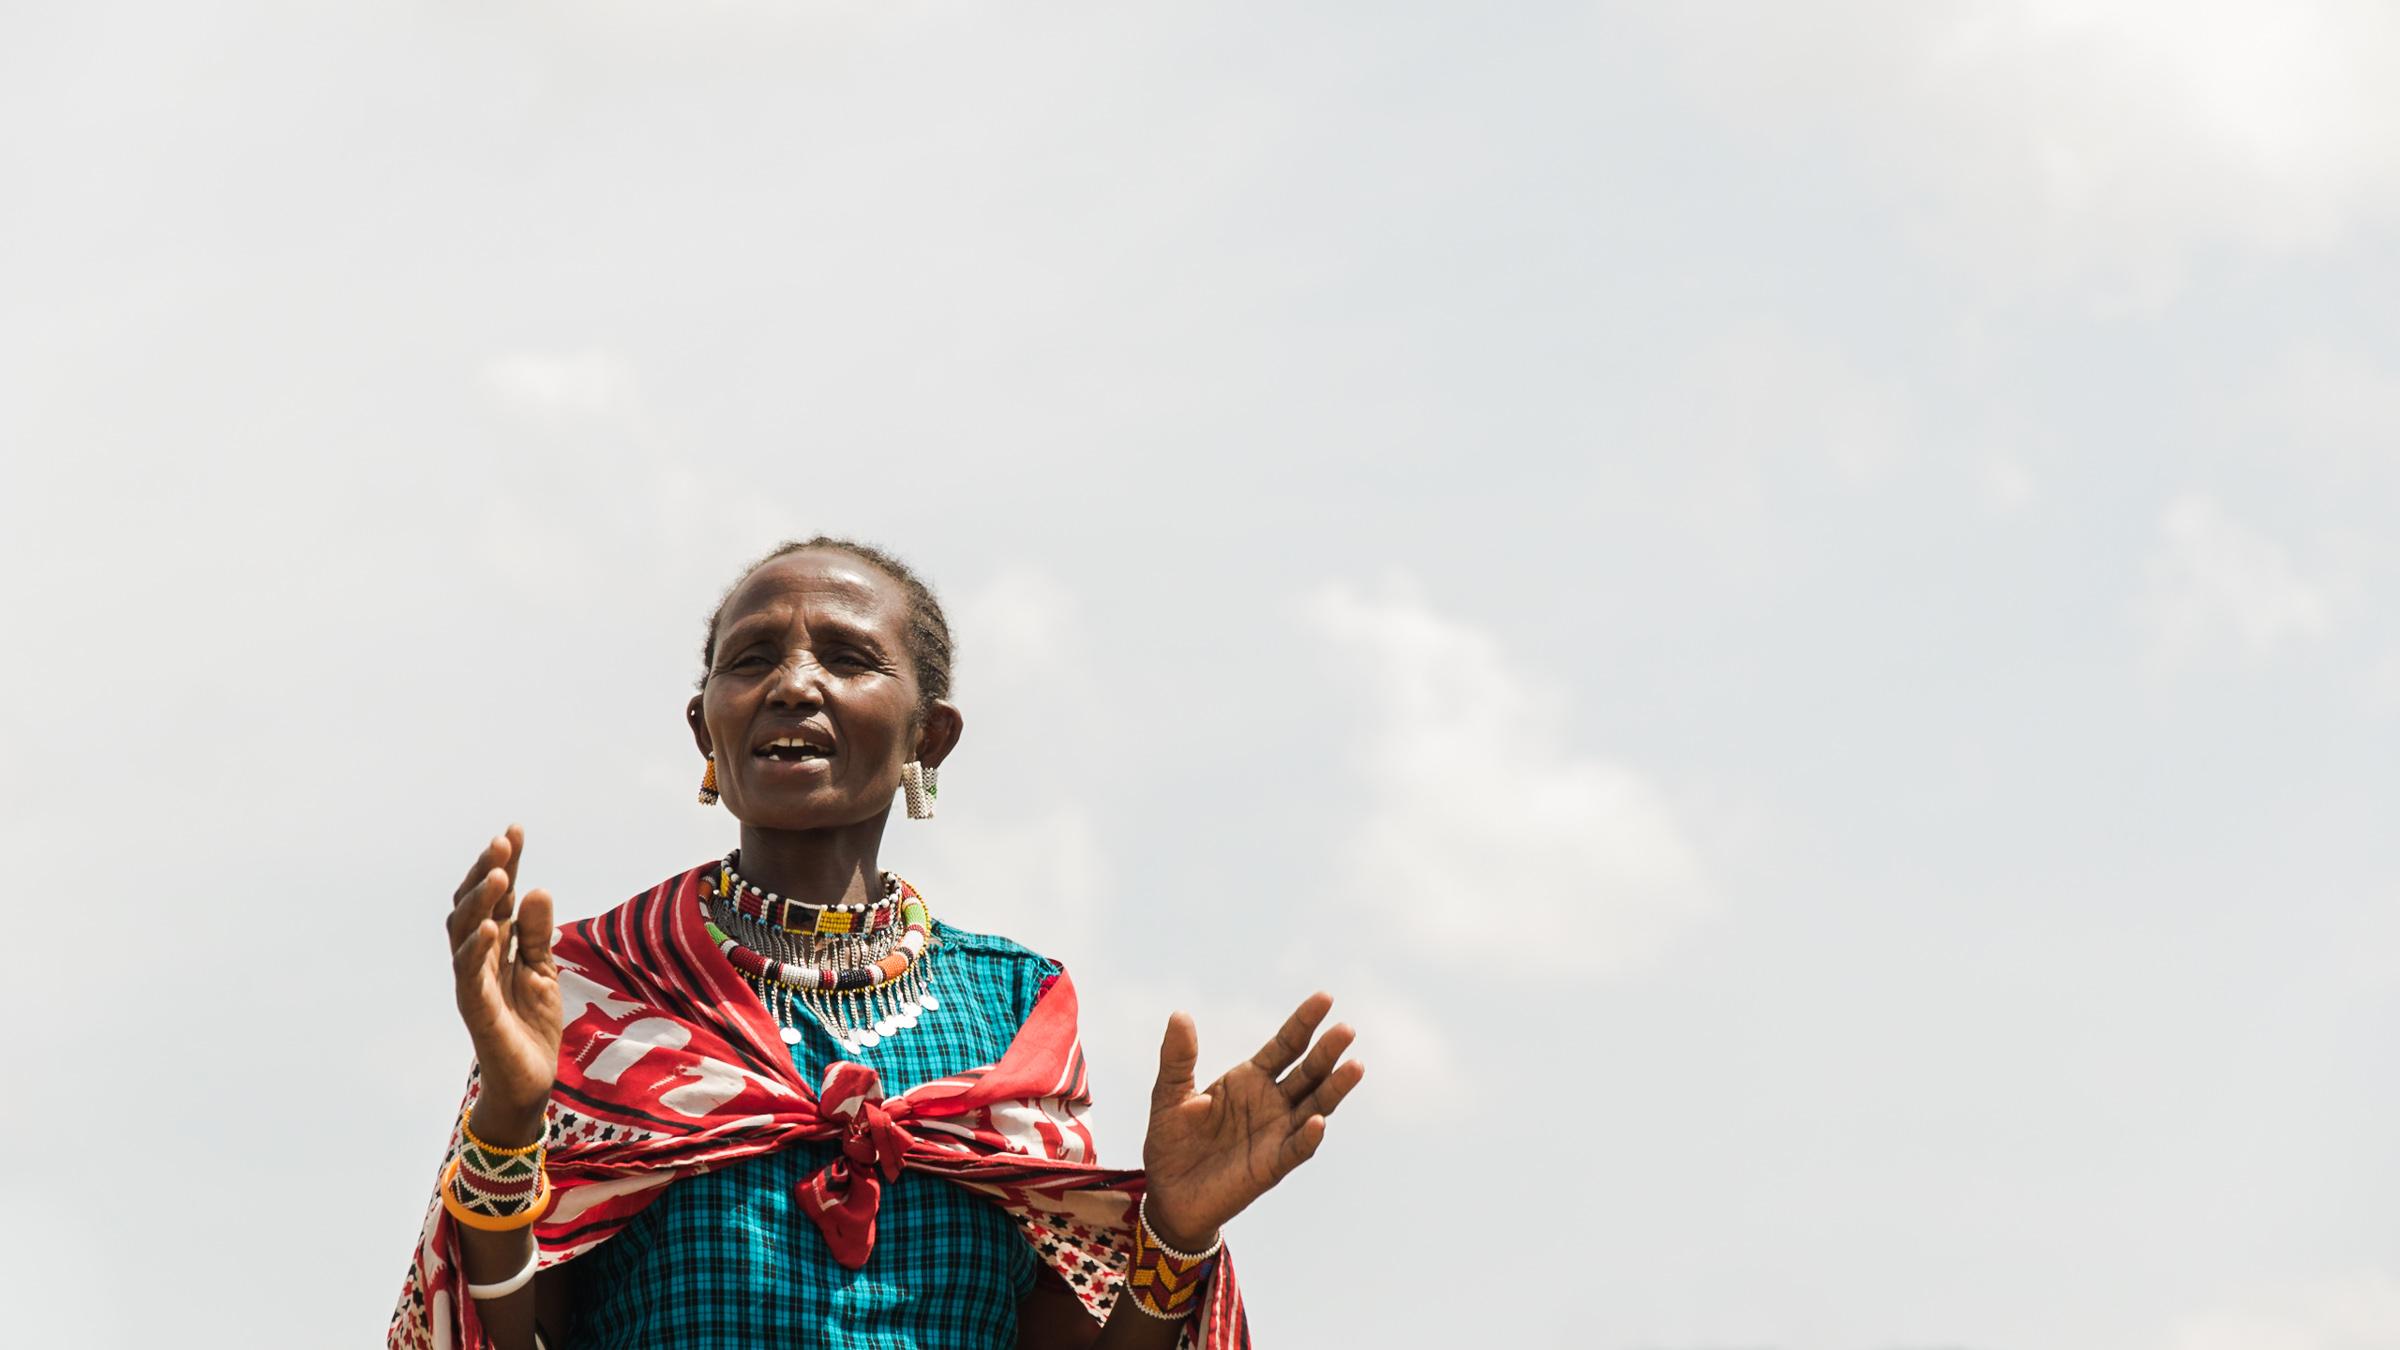 Masai mara women saying thank you